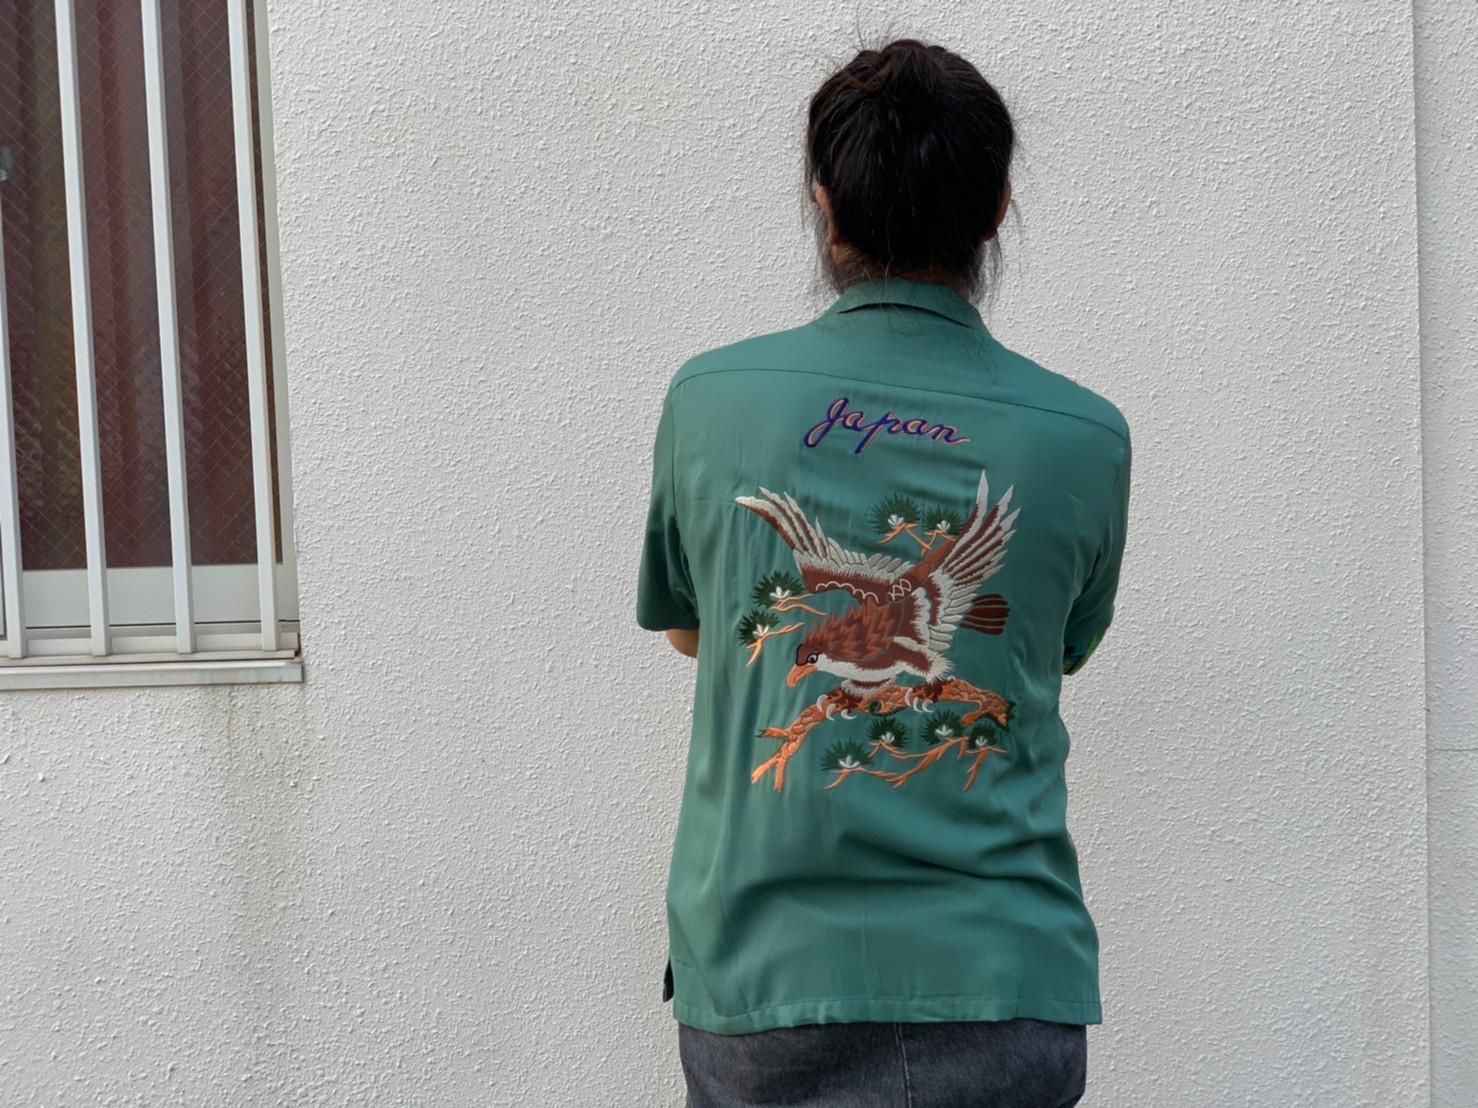 スカシャツも入荷してます!!_c0167336_20201509.jpg